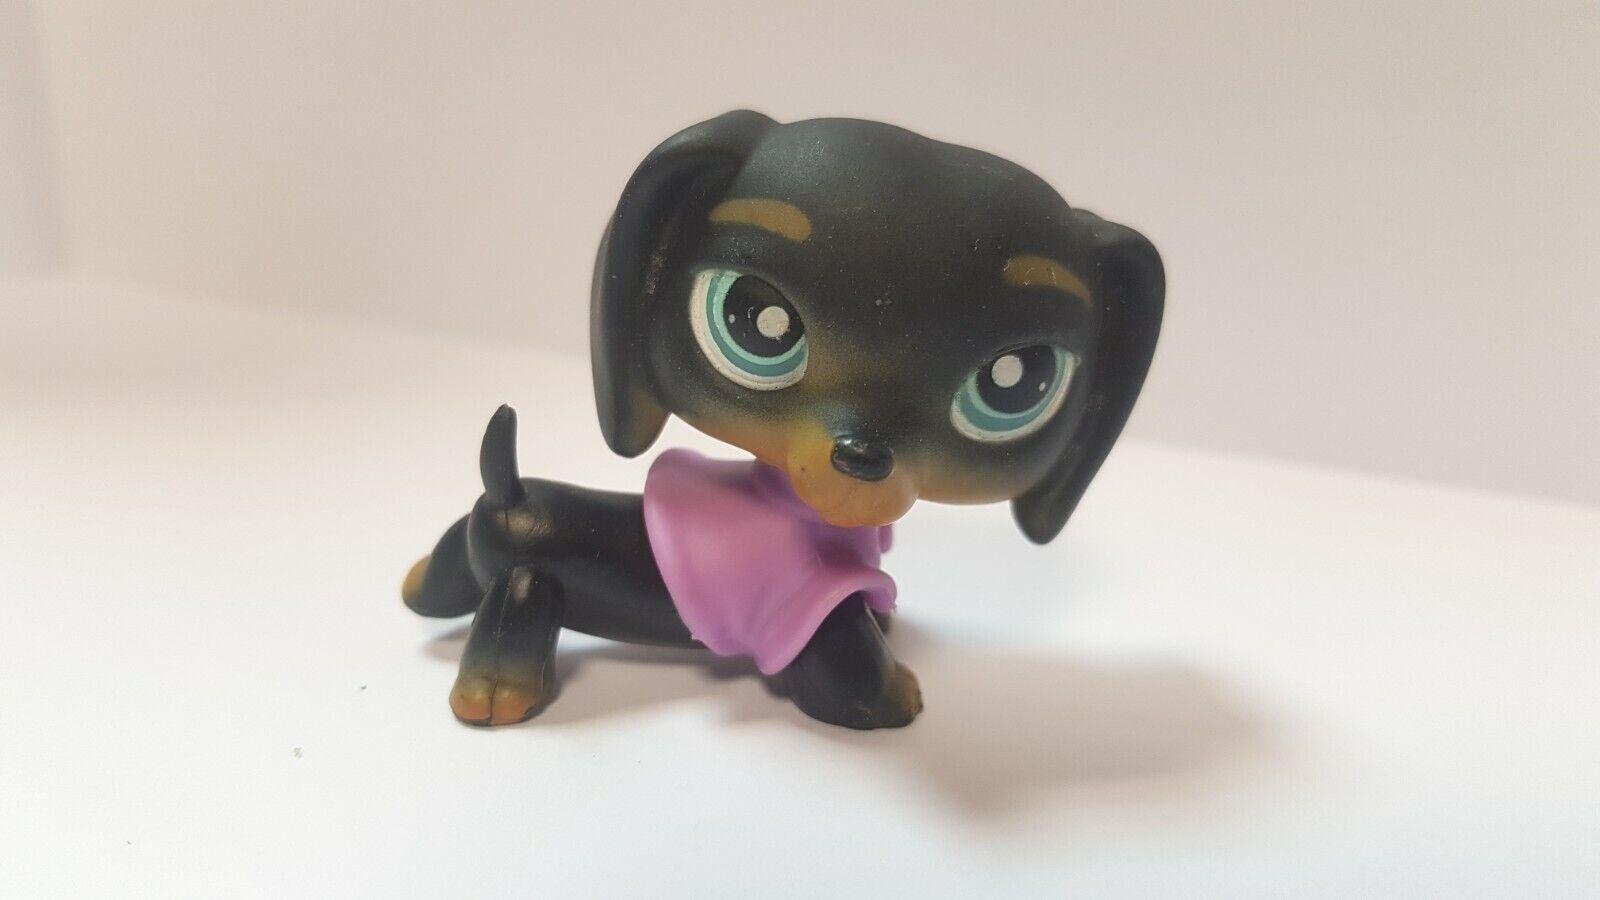 Figurine petshop original chien dog teckel daschund 325 pet shop lps (1)